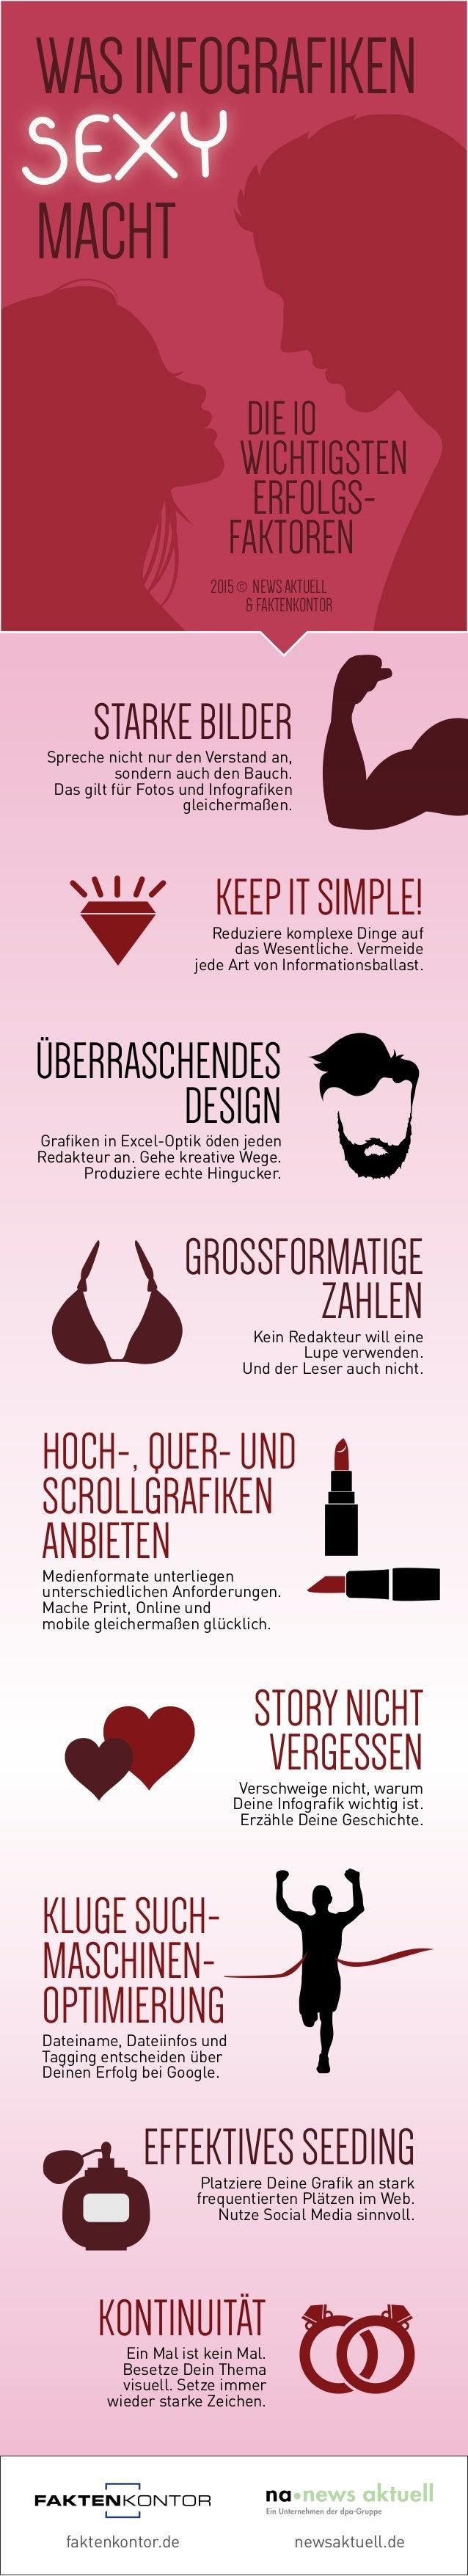 faktenkontor.de newsaktuell.de GroSSformatige ZahlenKein Redakteur will eine Lupe verwenden. Und der Leser auch nicht. Hoc...